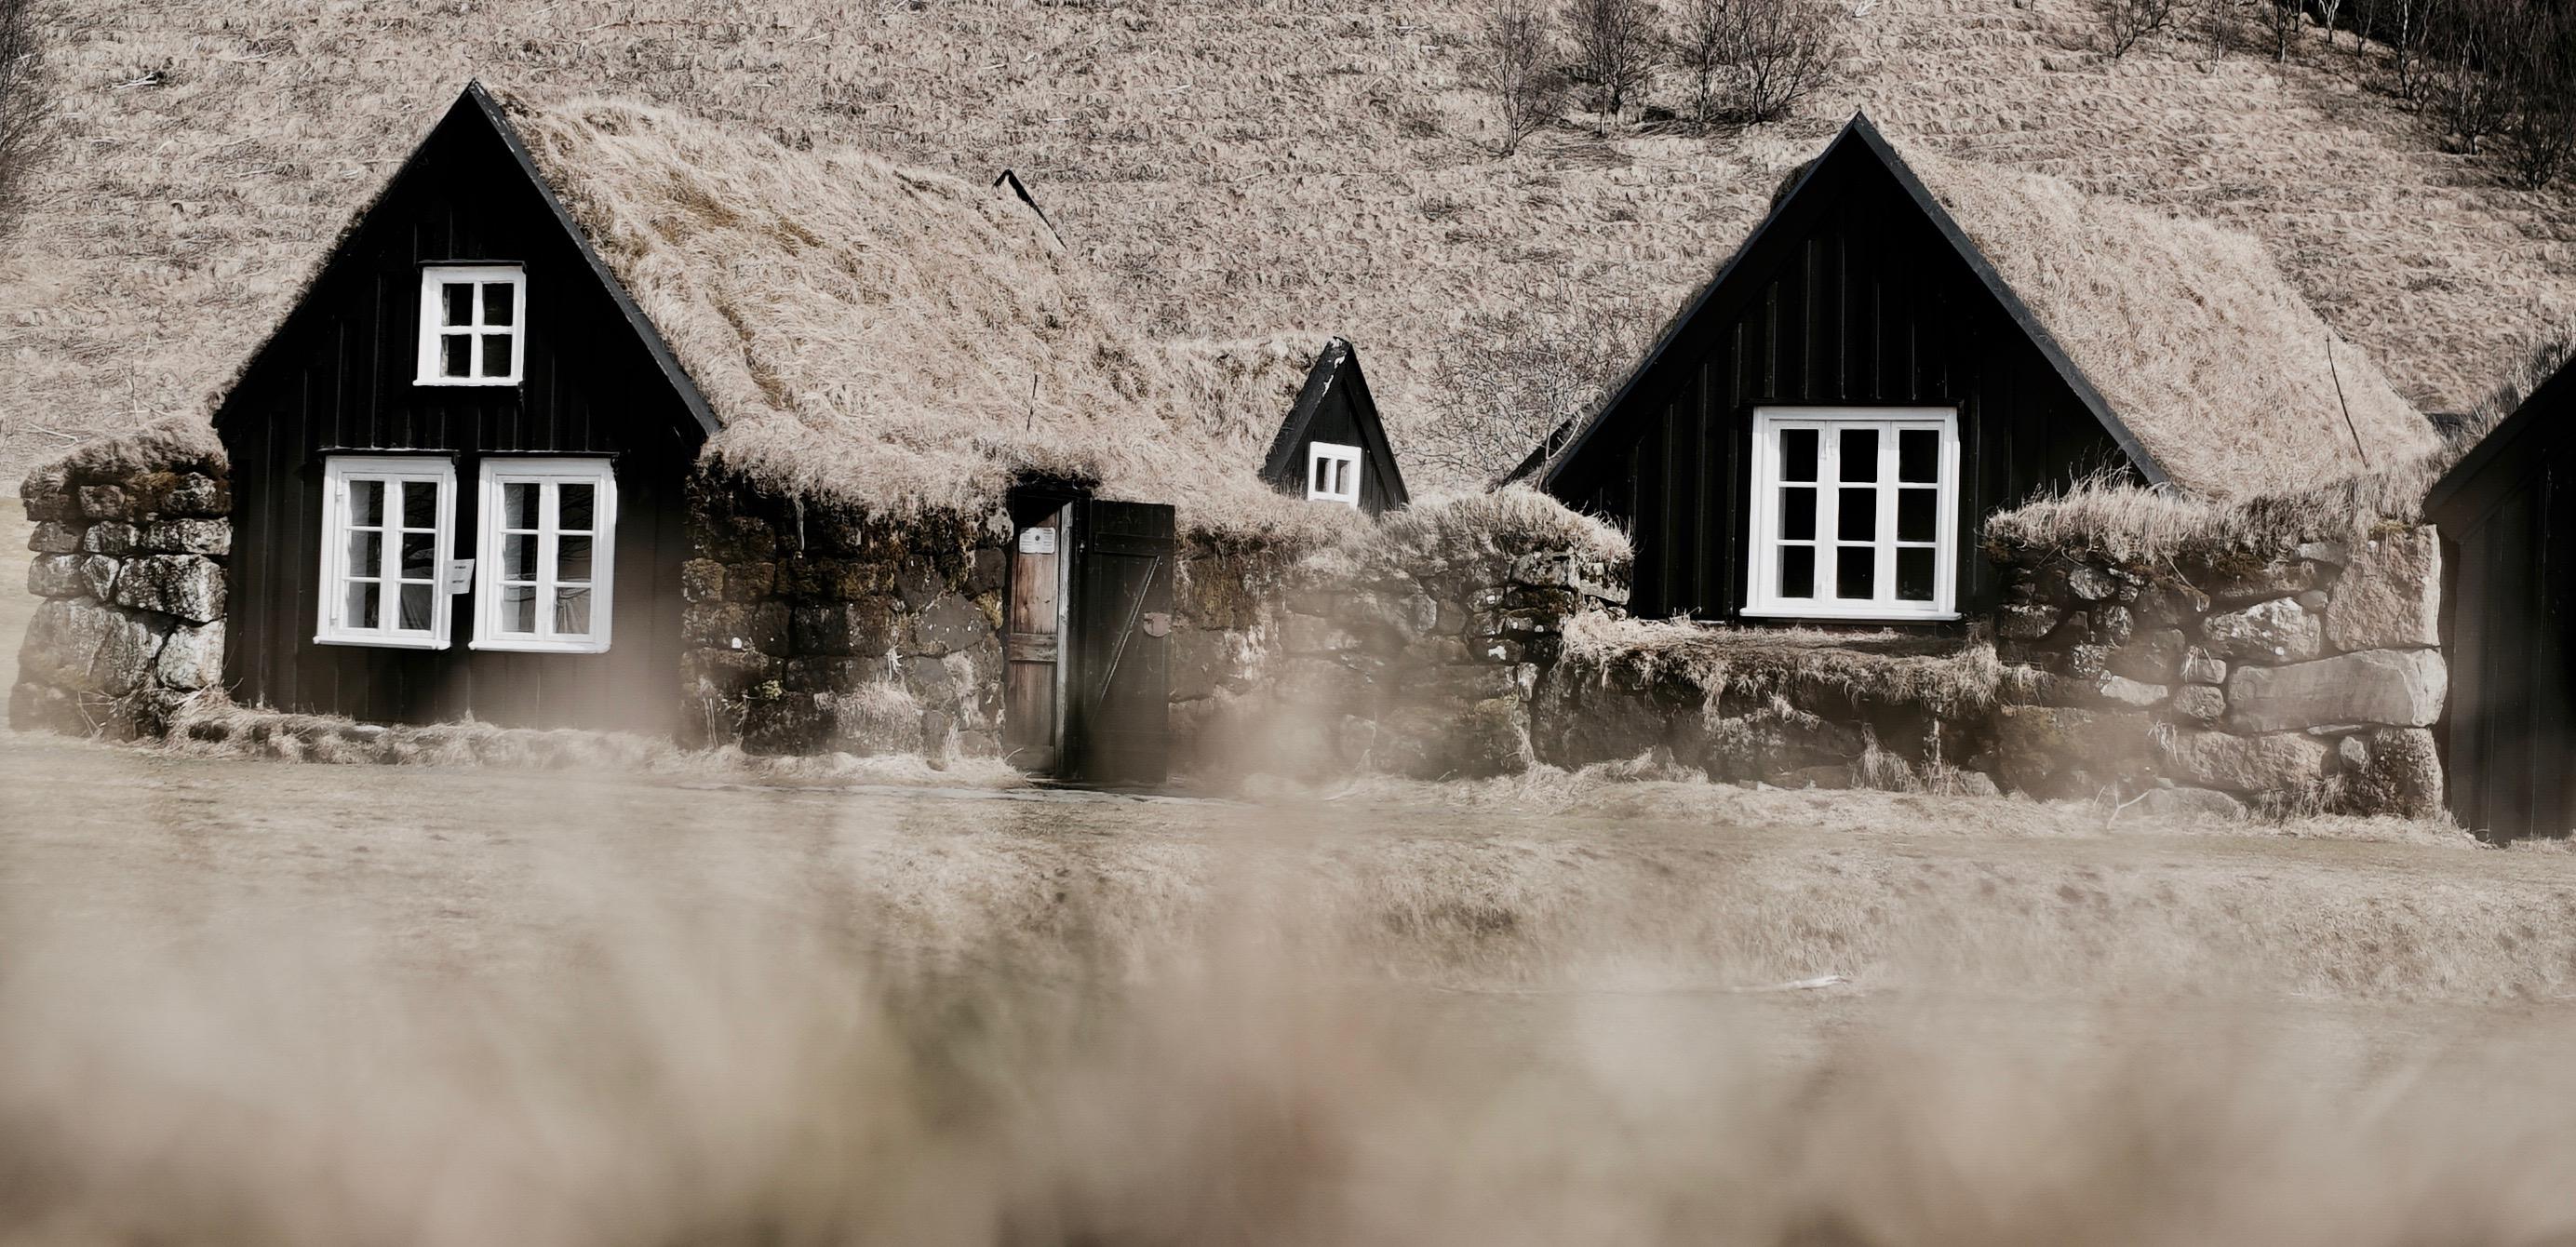 islande_photo_Caroline_cote_20